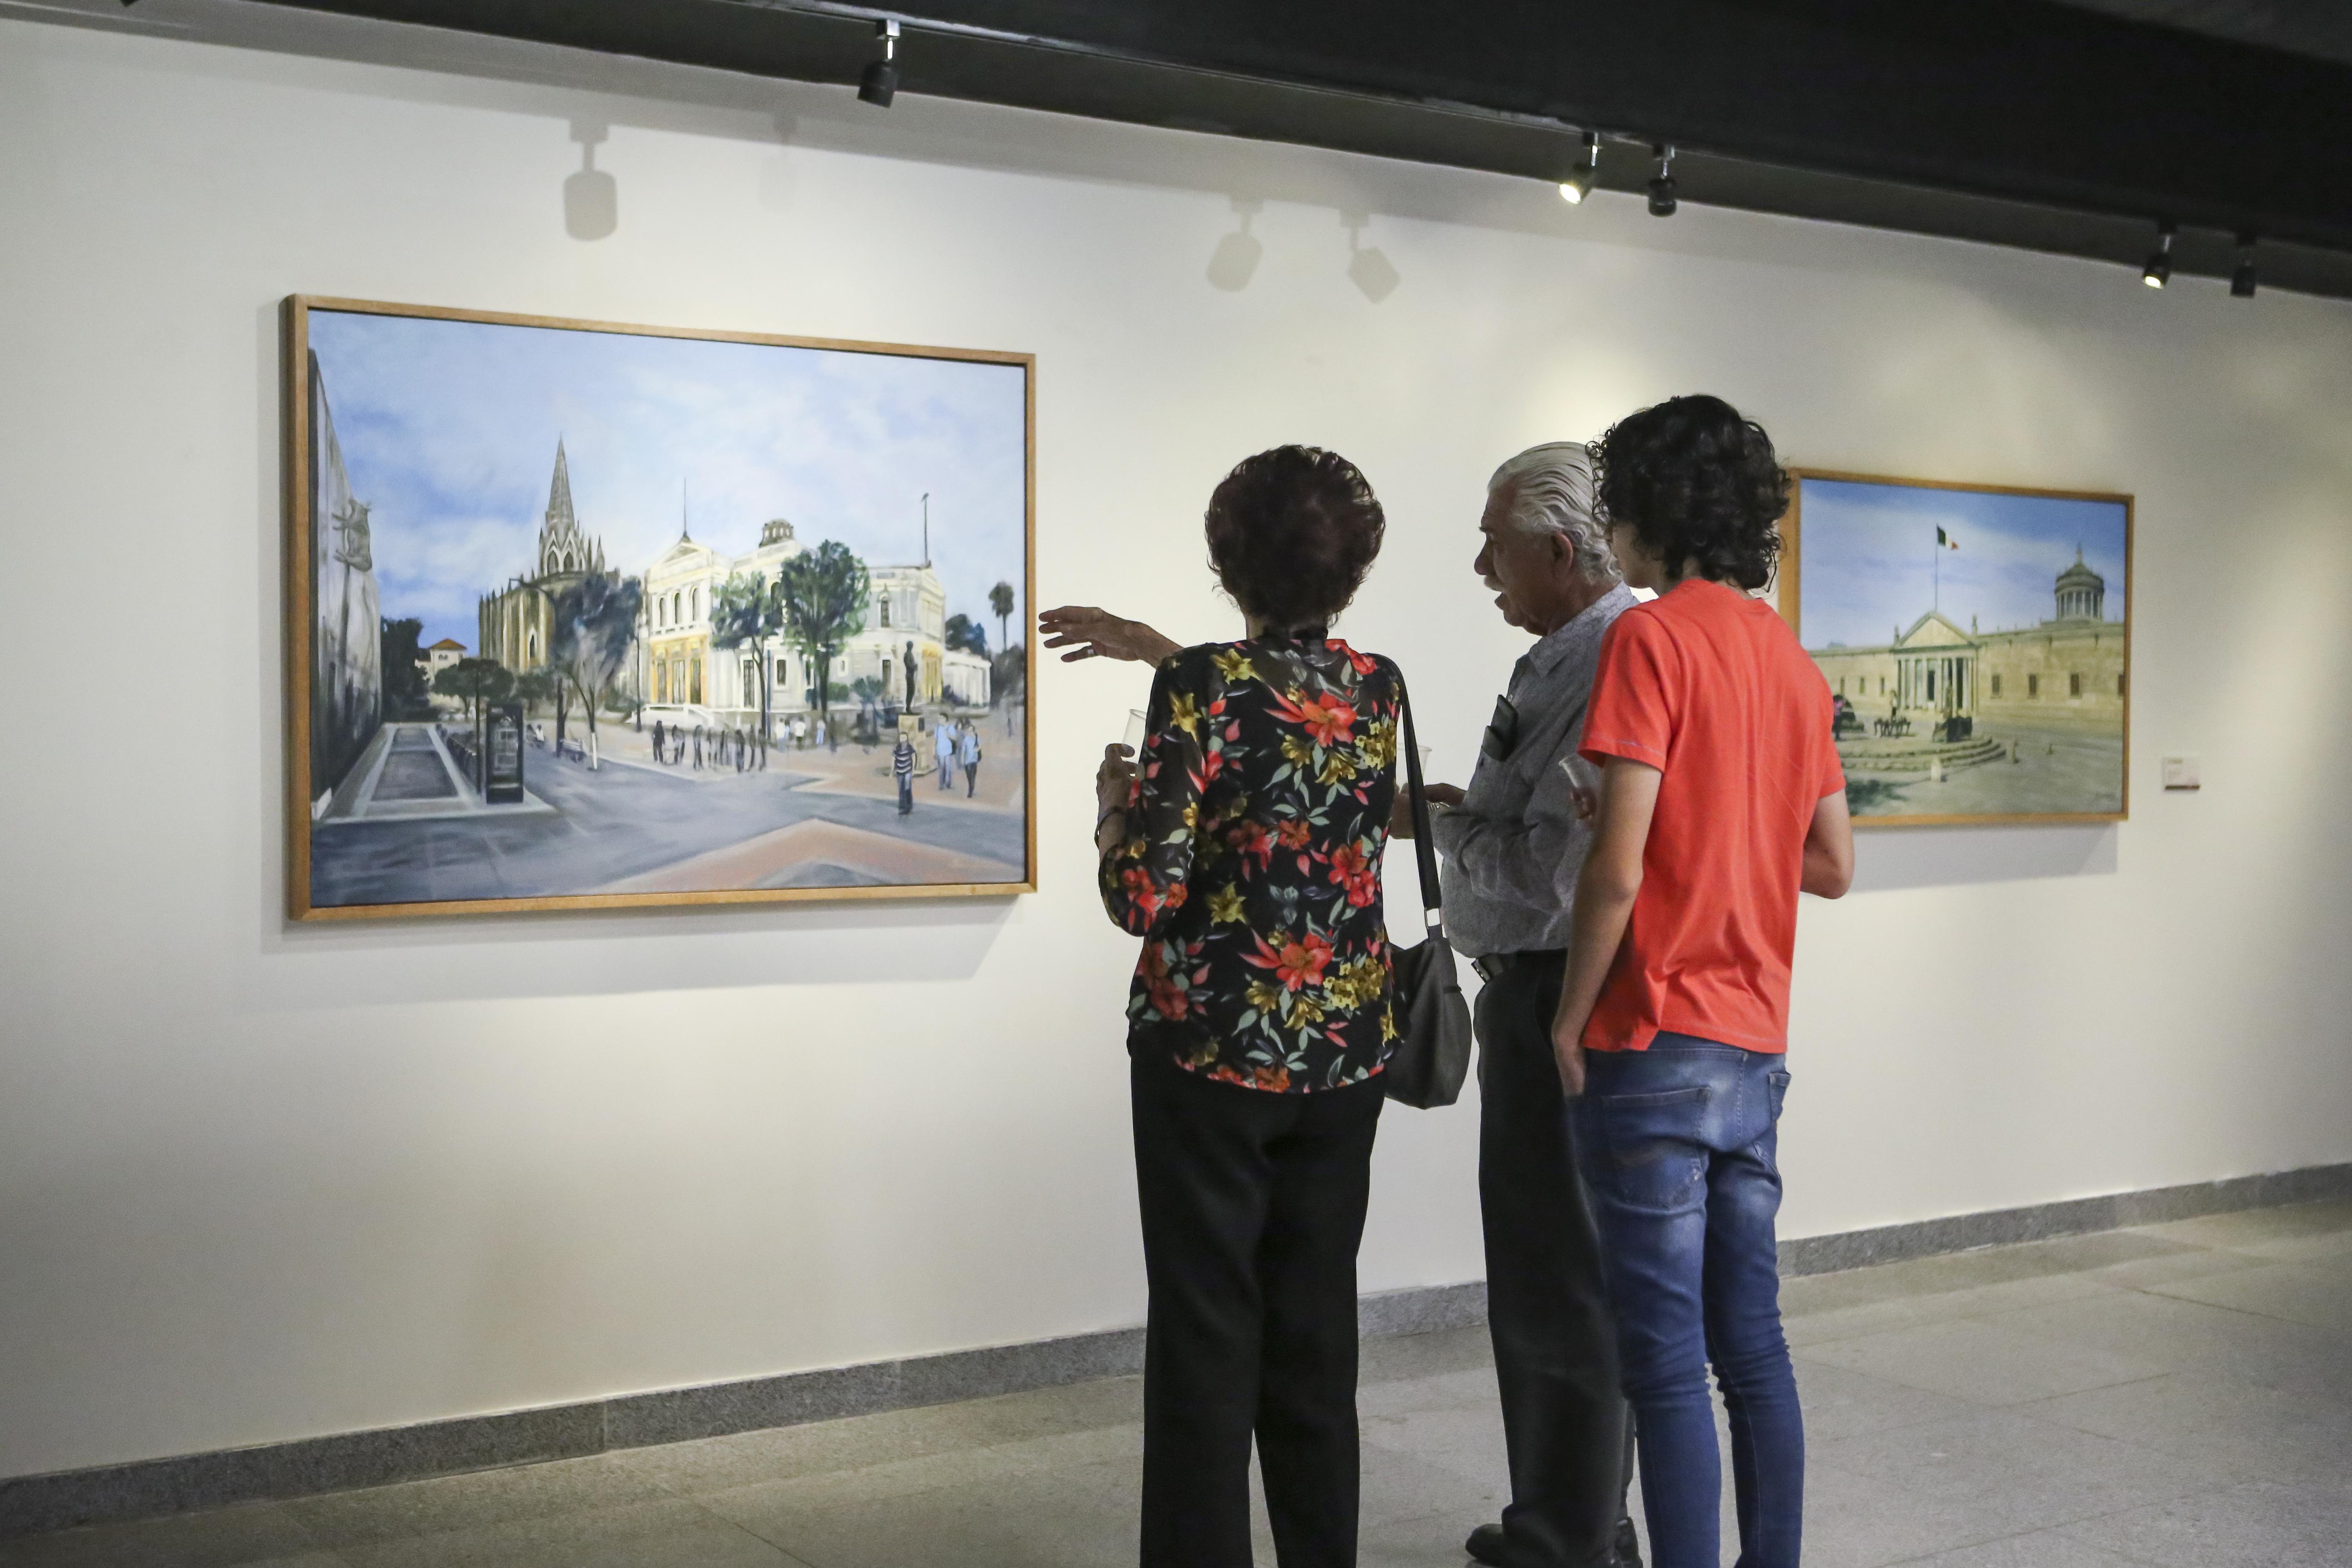 Asistentes a la Biblioteca Pública del Estado de Jalisco (BPEJ) Juan José Arreola, disfrutando de la exposición.